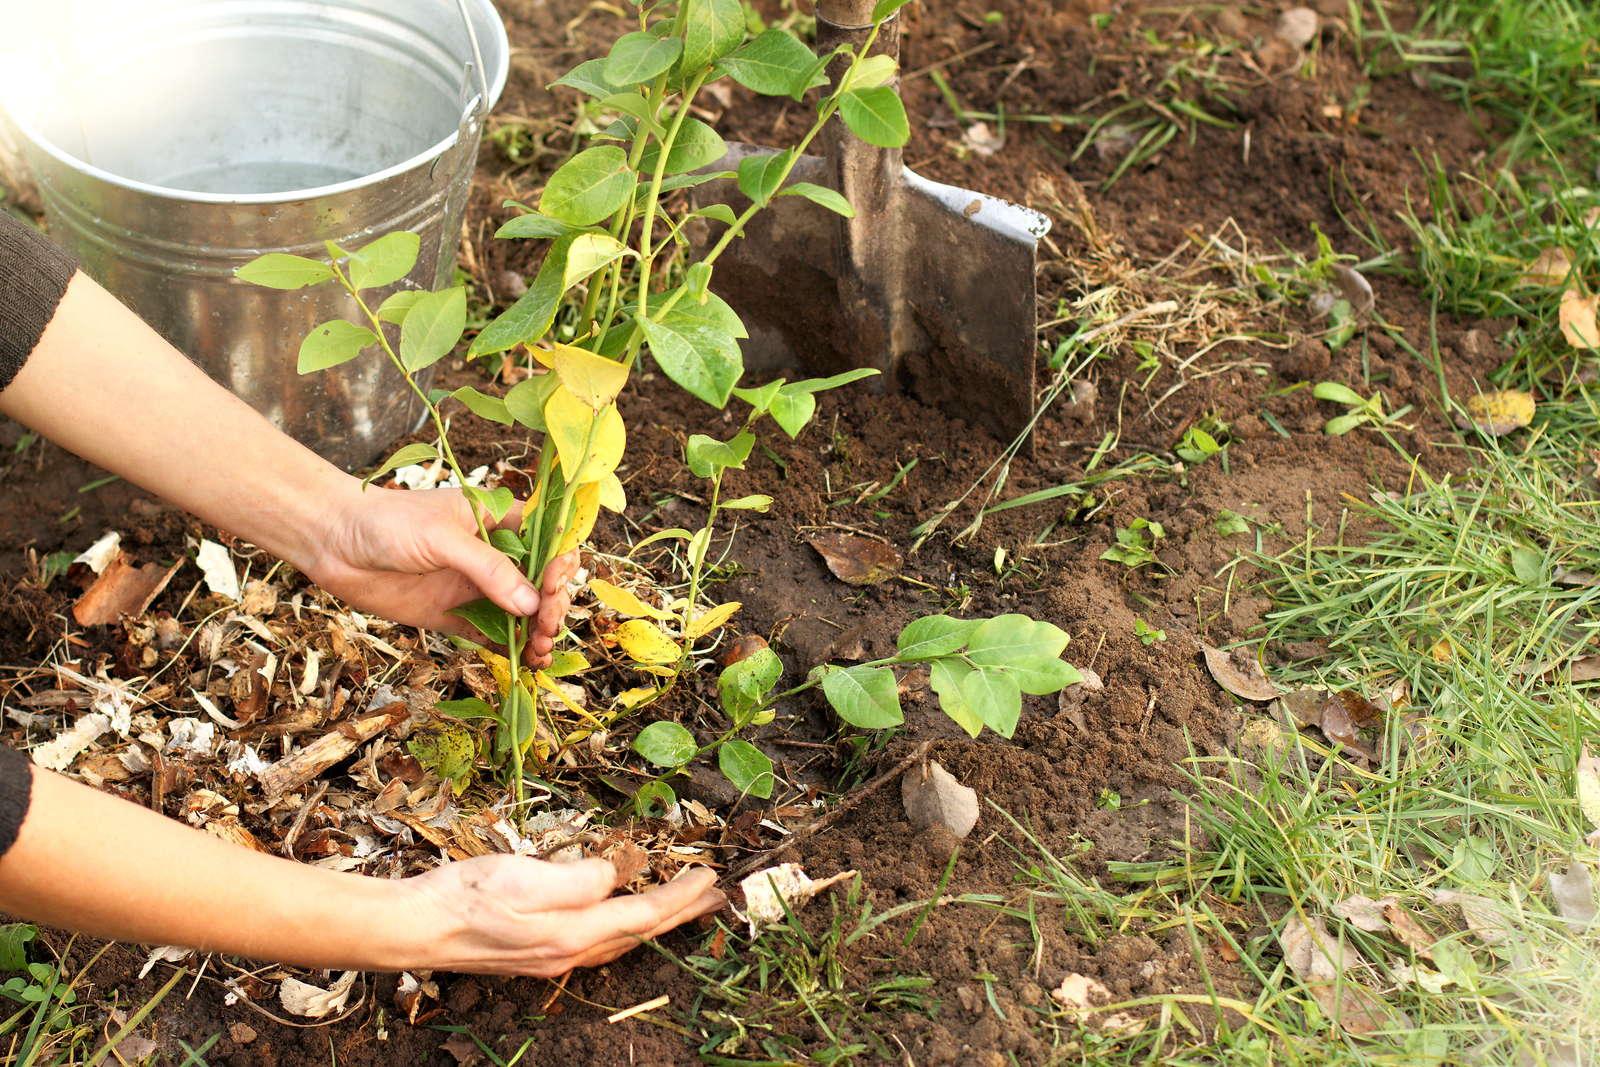 Heidelbeeren Blaubeeren Dungen Expertentipps Hausmittel Plantura